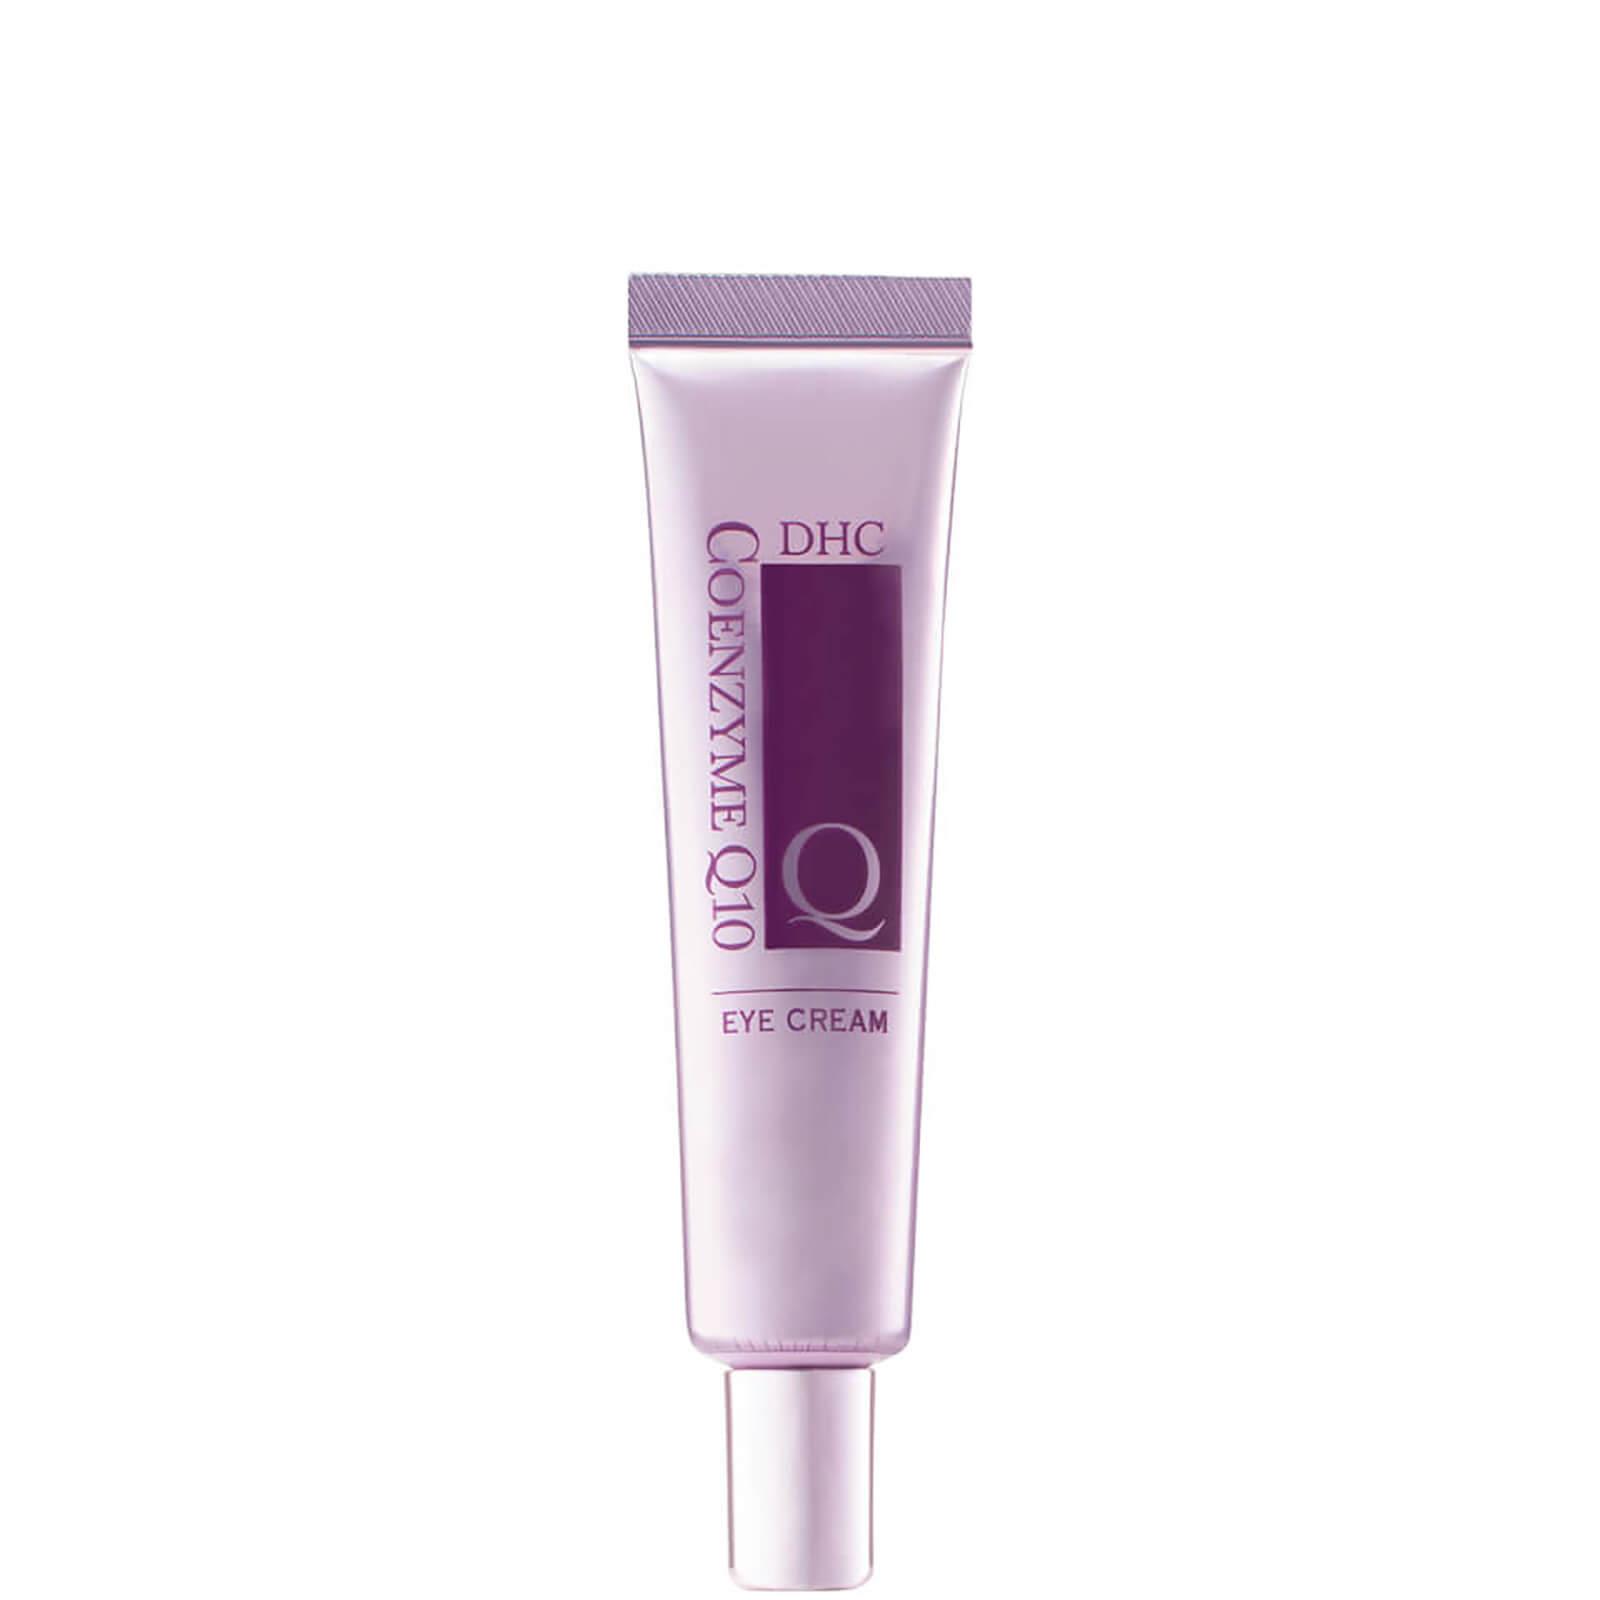 Купить Крем для кожи вокруг глаз с коэнзимом Q10 DHC CoQ10 Eye Cream (25 г)